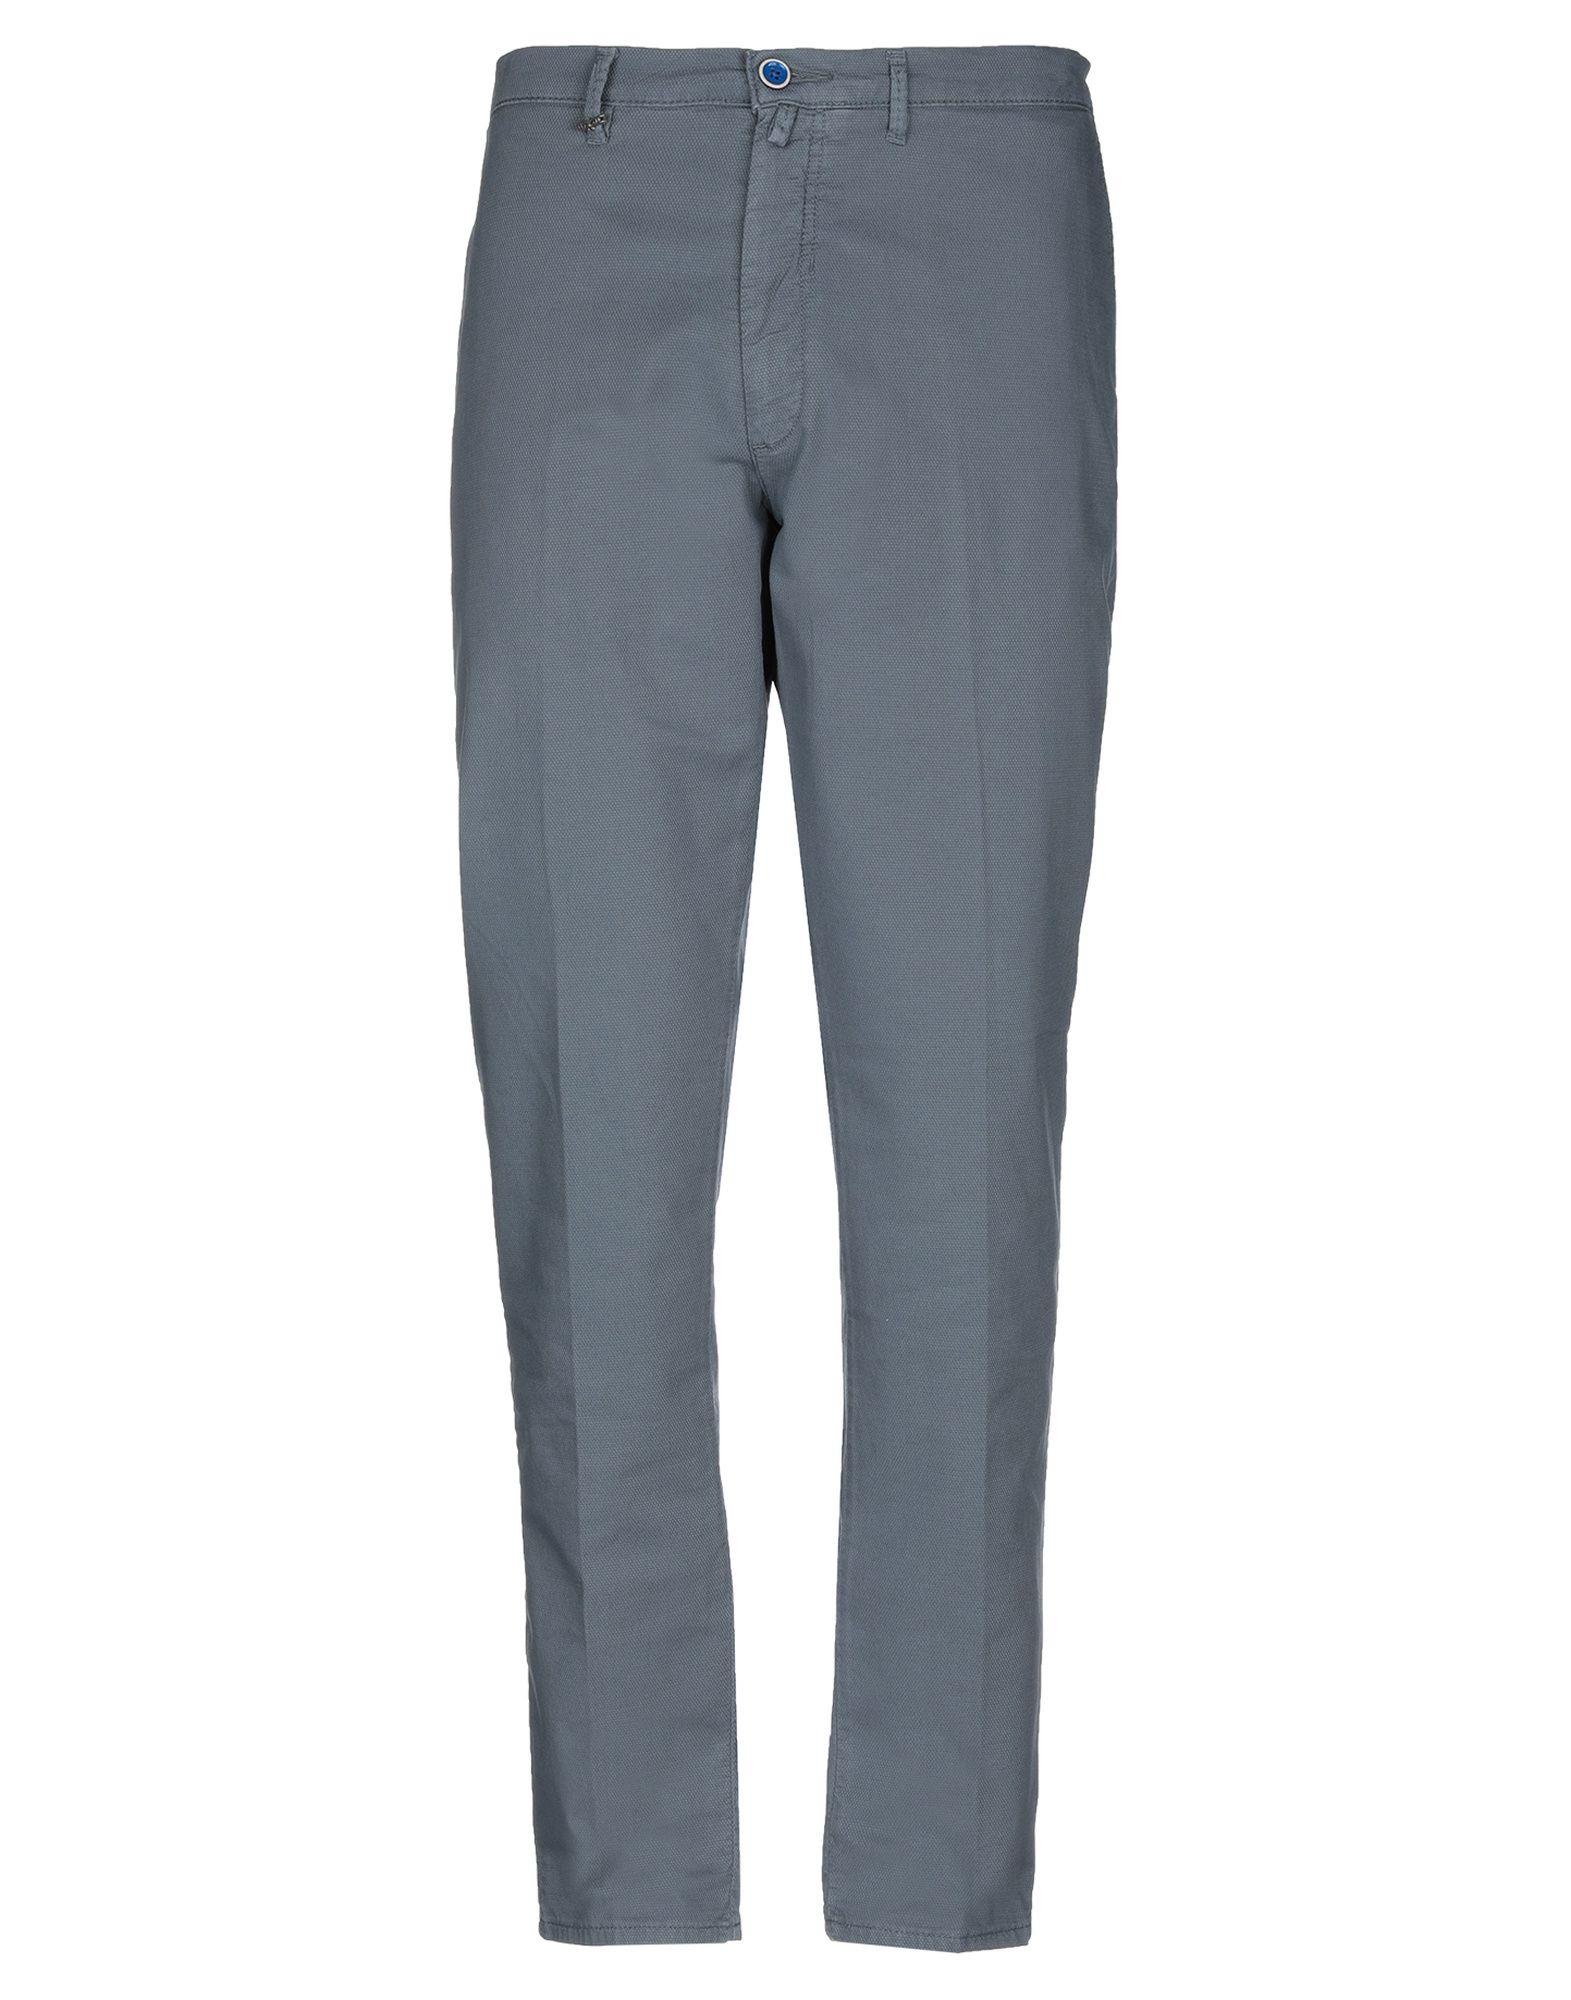 《期間限定 セール開催中》QUOTA OTTO メンズ パンツ グレー 44 コットン 99% / ポリウレタン 1%